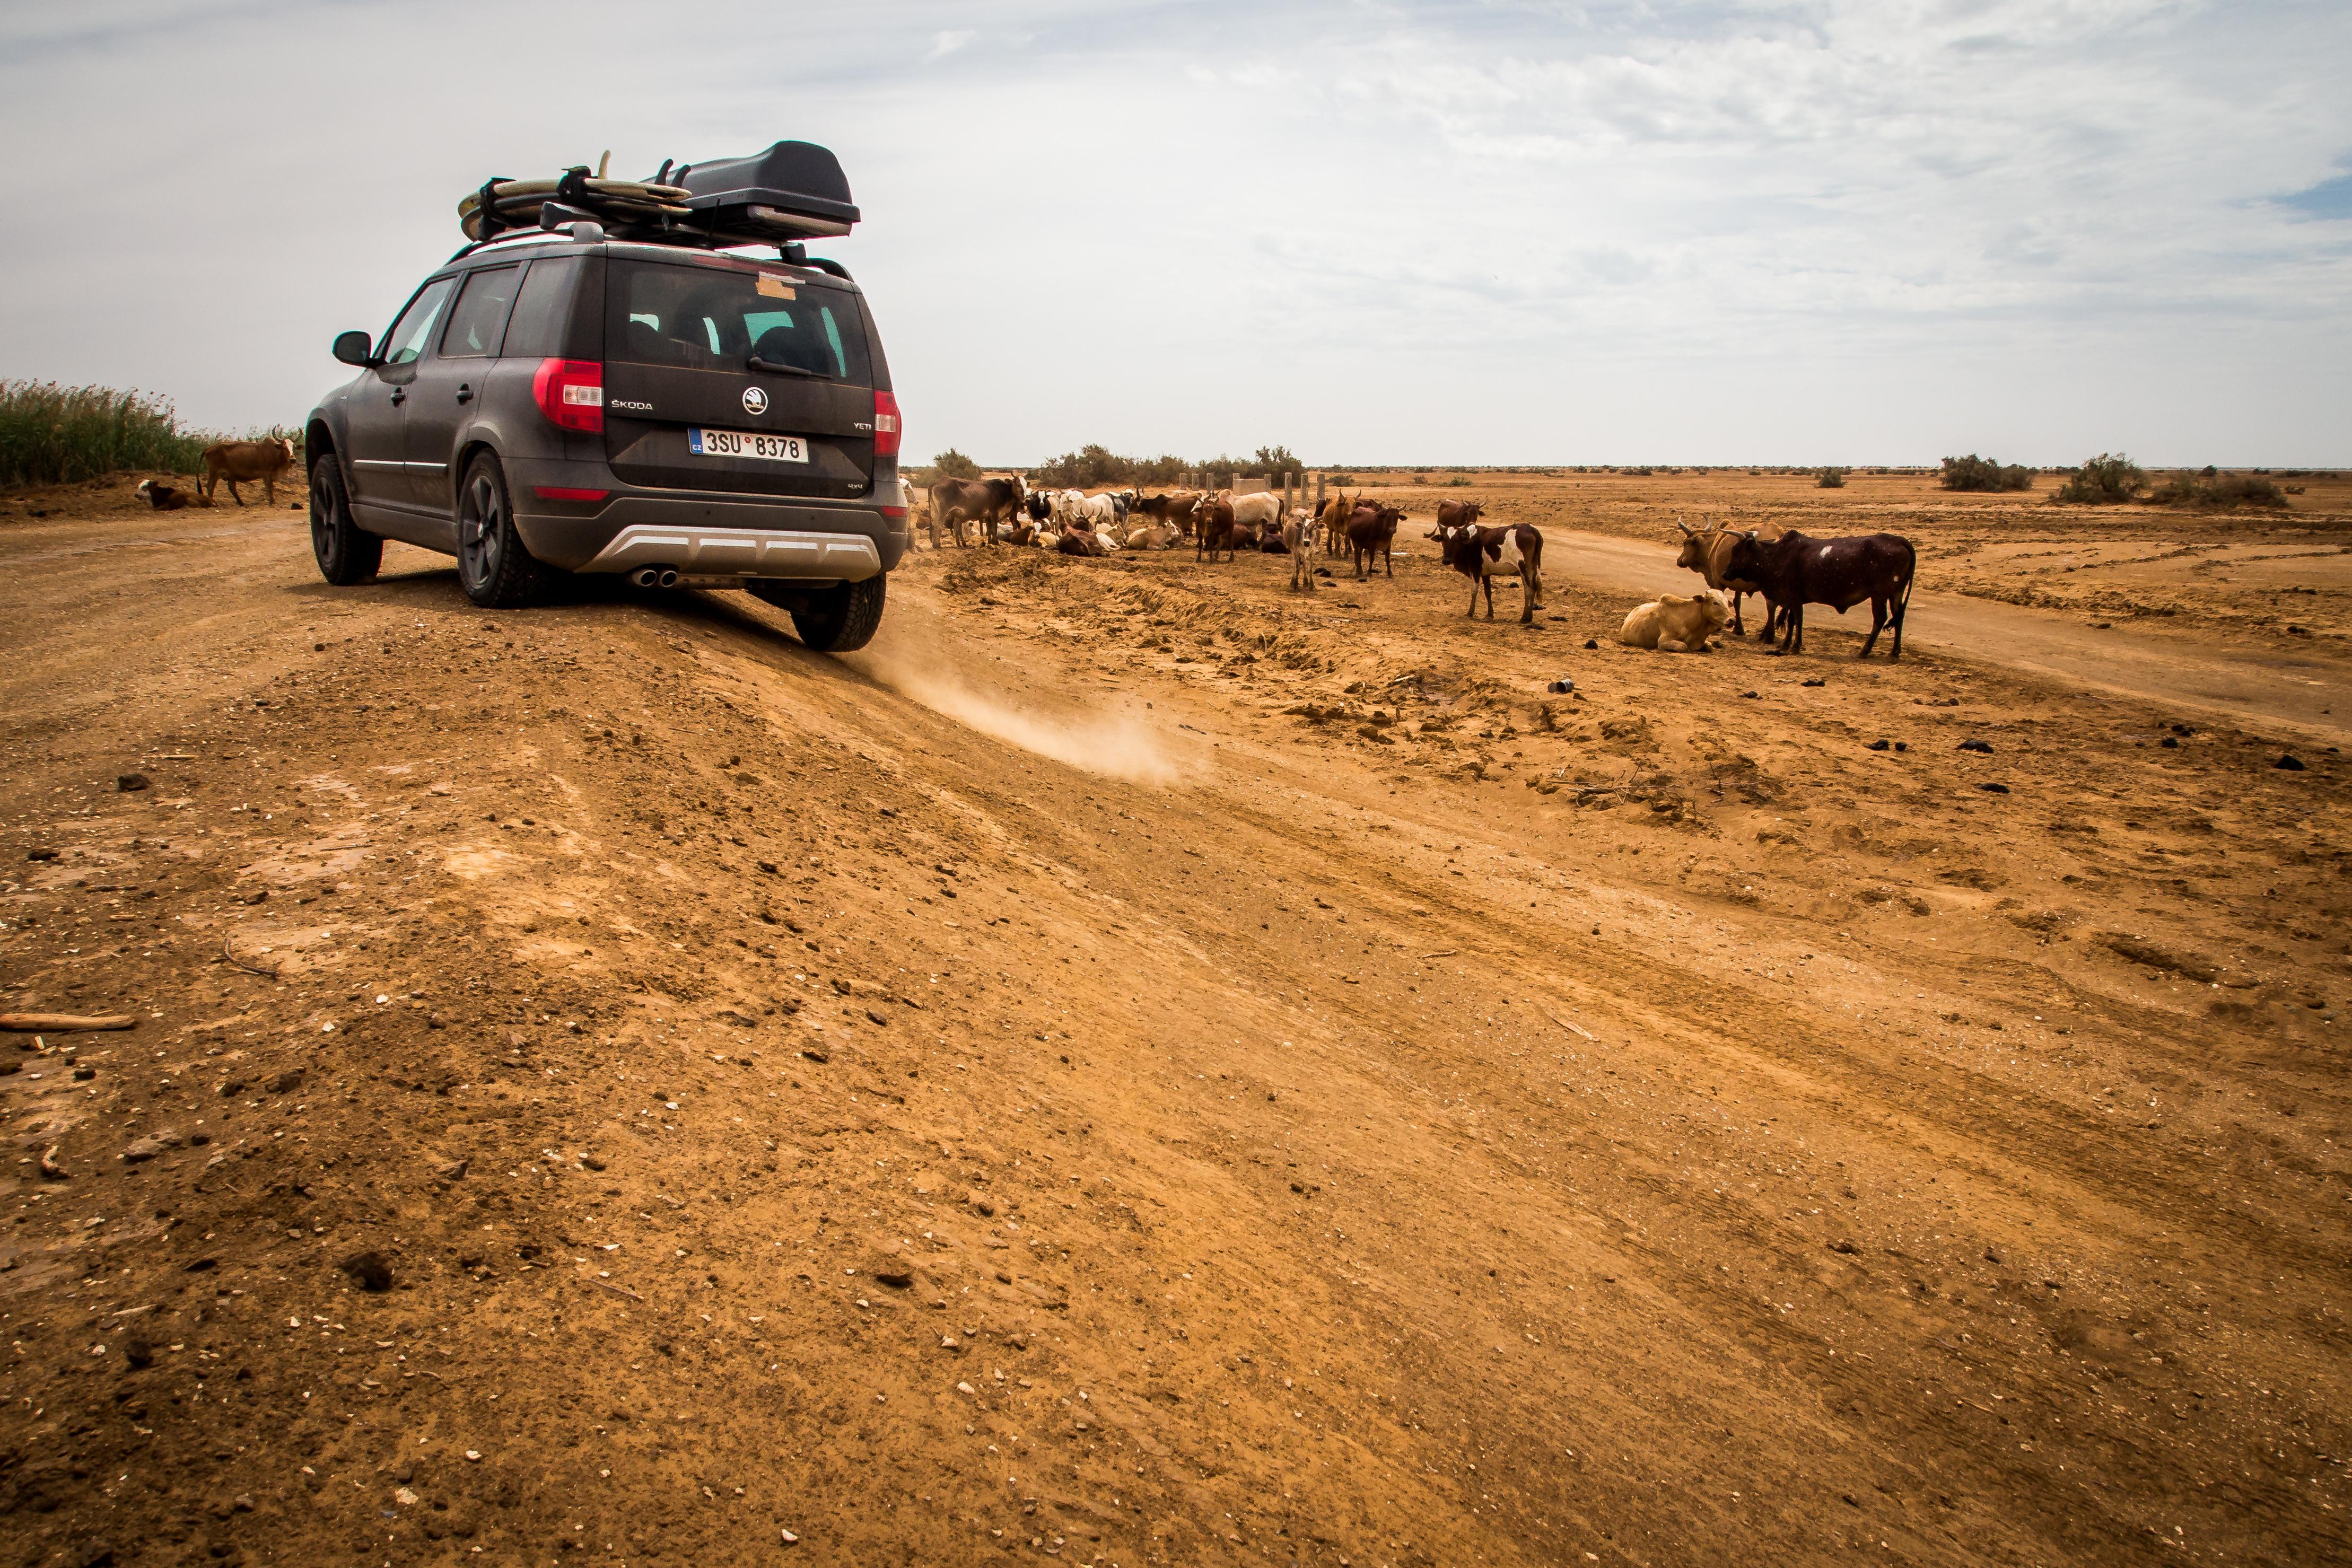 mauritánie Čína datování cizinců špióni